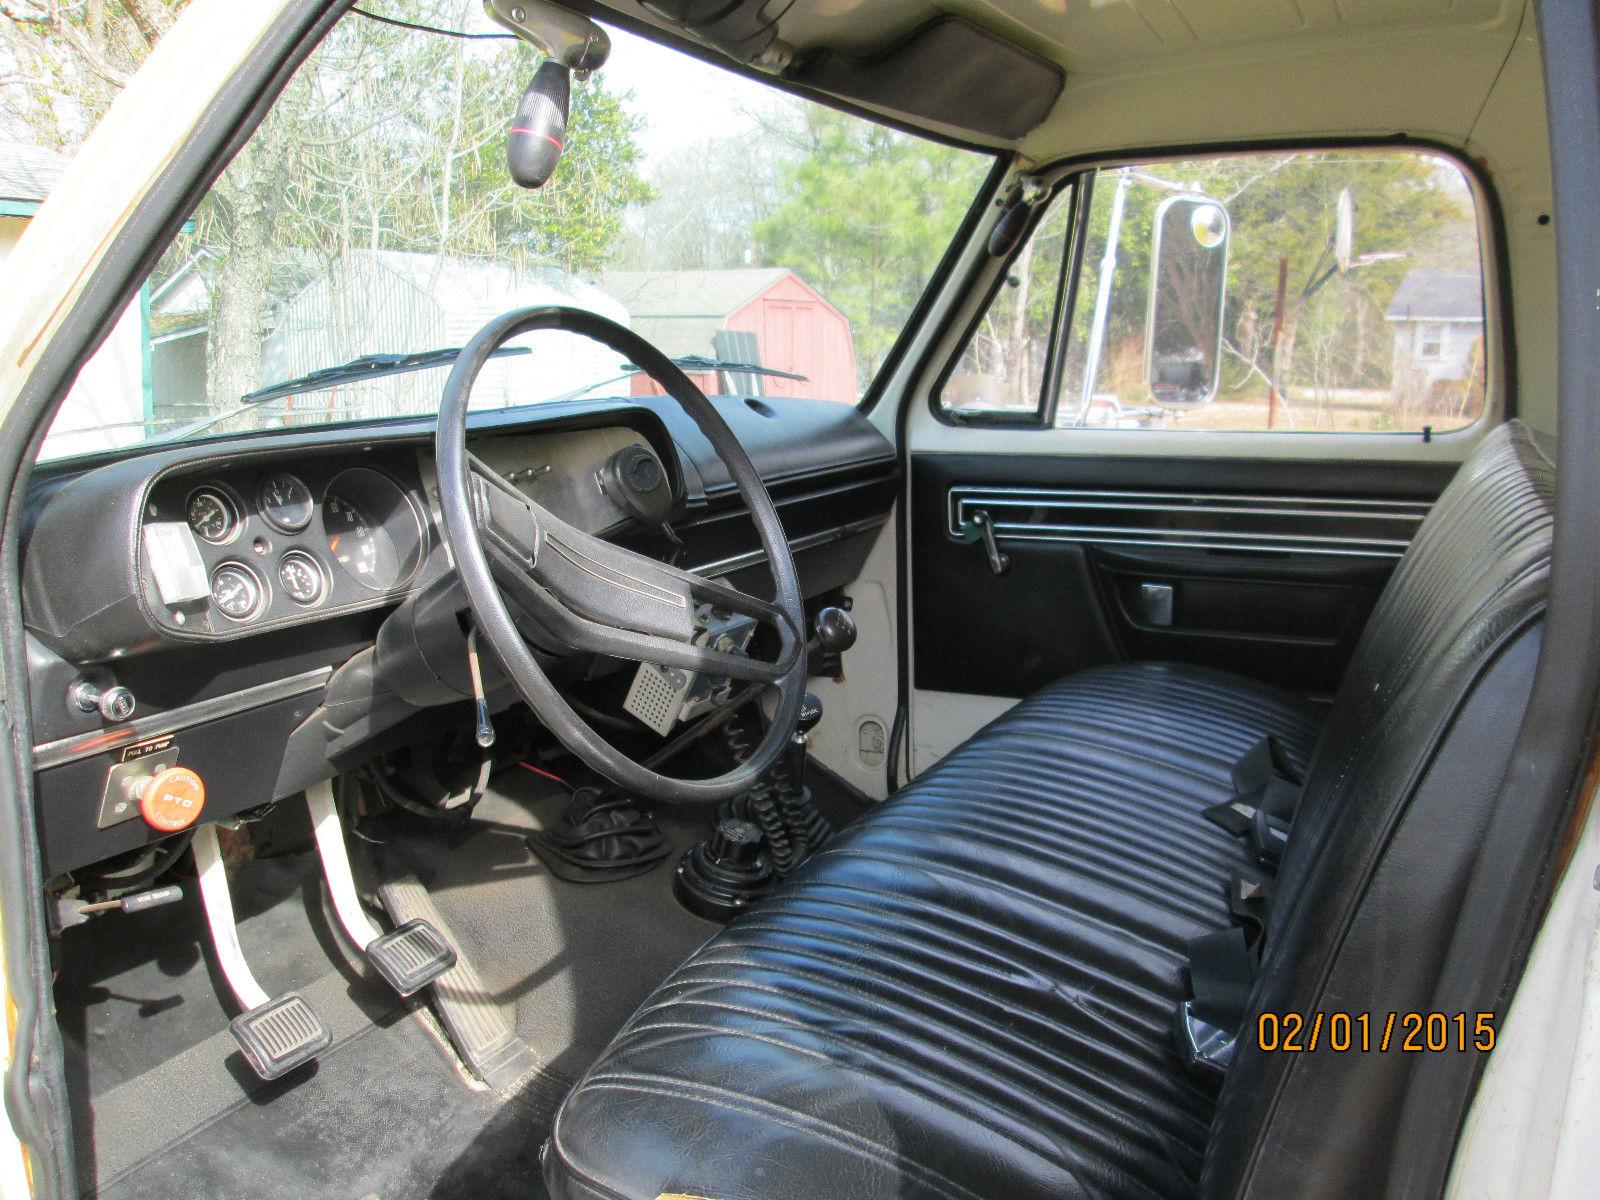 1976 Dodge Power Wagon W300 Mini Pumper Fire Truck 20943 Miles No 76 Wiring Schematic Prevnext